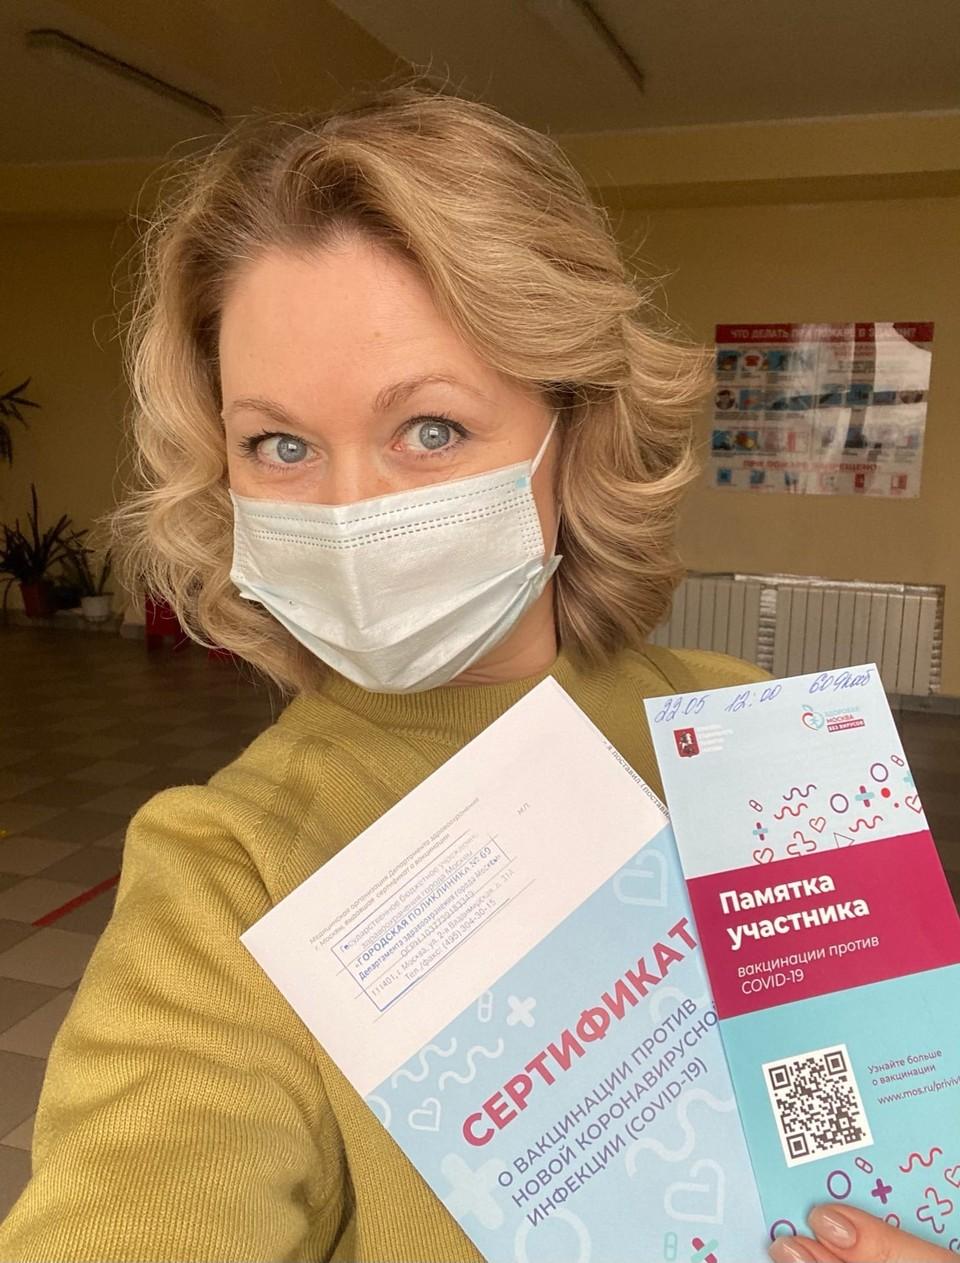 Руководитель Департамента образования Орловской области привилась от коронавируса. Фото: соцсети